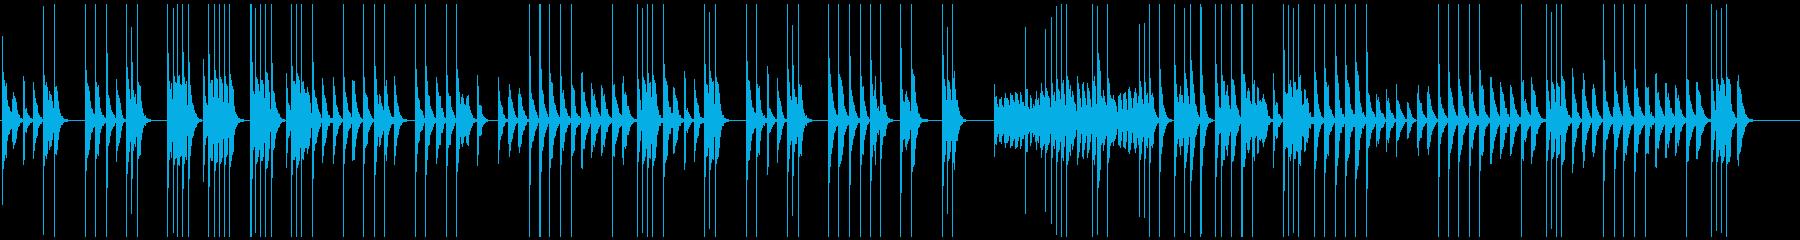 映像向ほのぼのと温かい木琴で素朴懐かしいの再生済みの波形